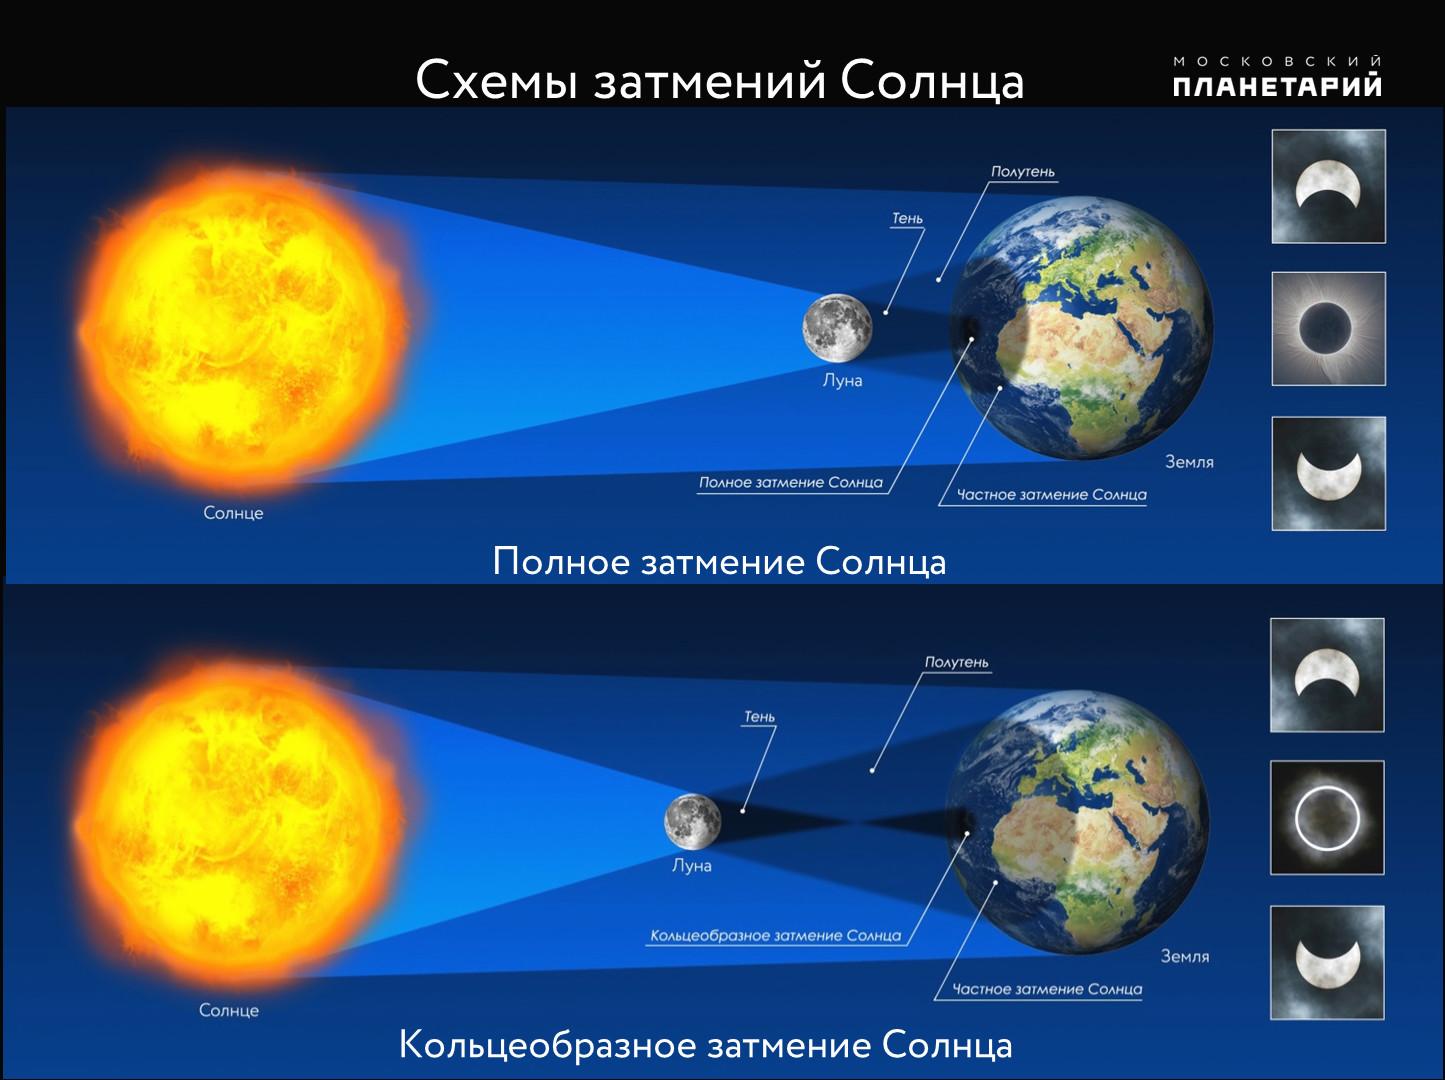 Пятница, 13-е: сЗемли можно будет наблюдать засолнечным затмением